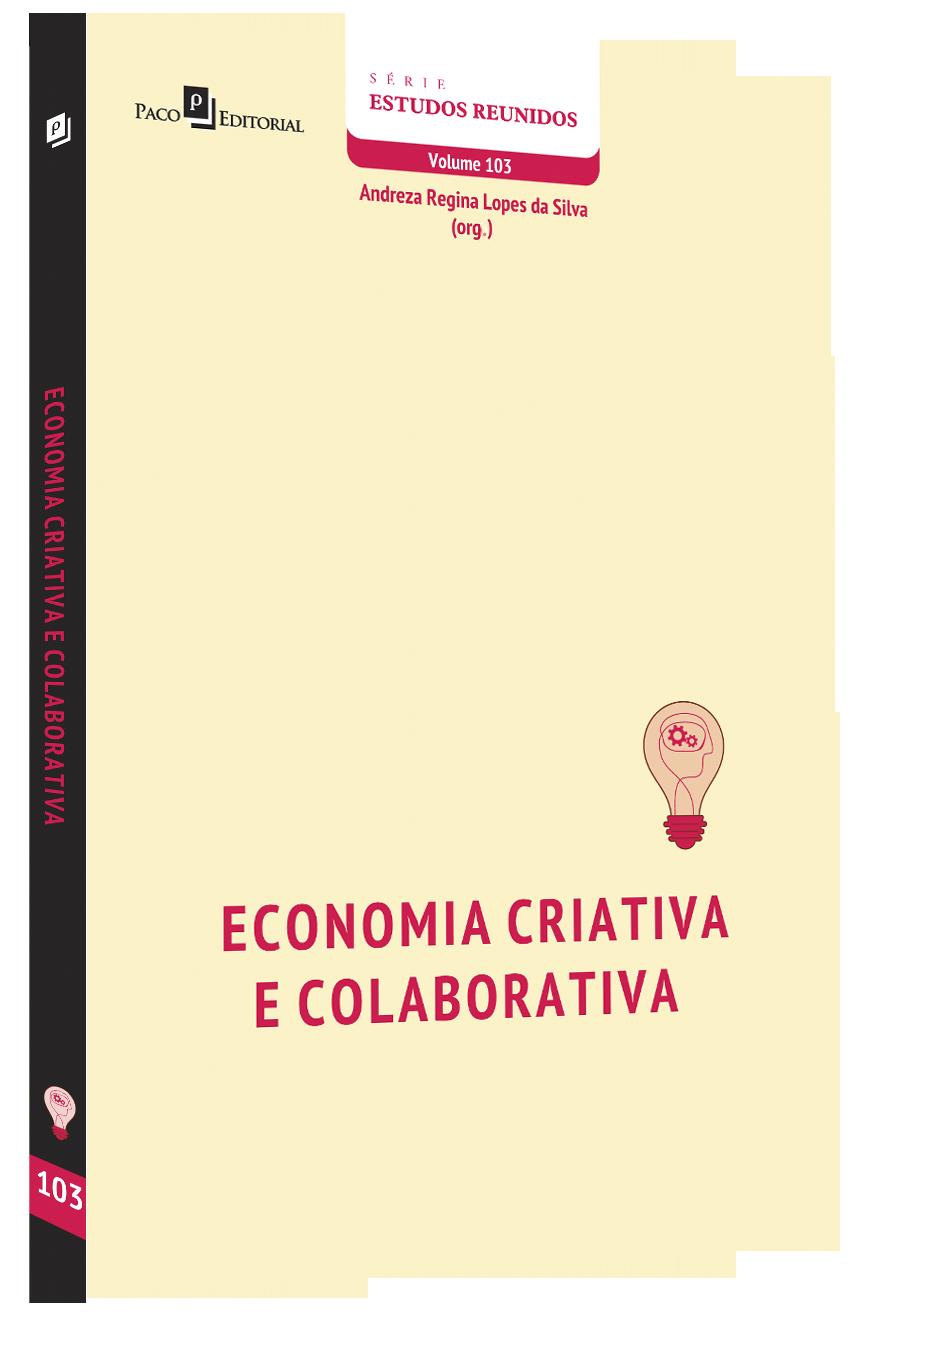 Economia criativa e colaborativa